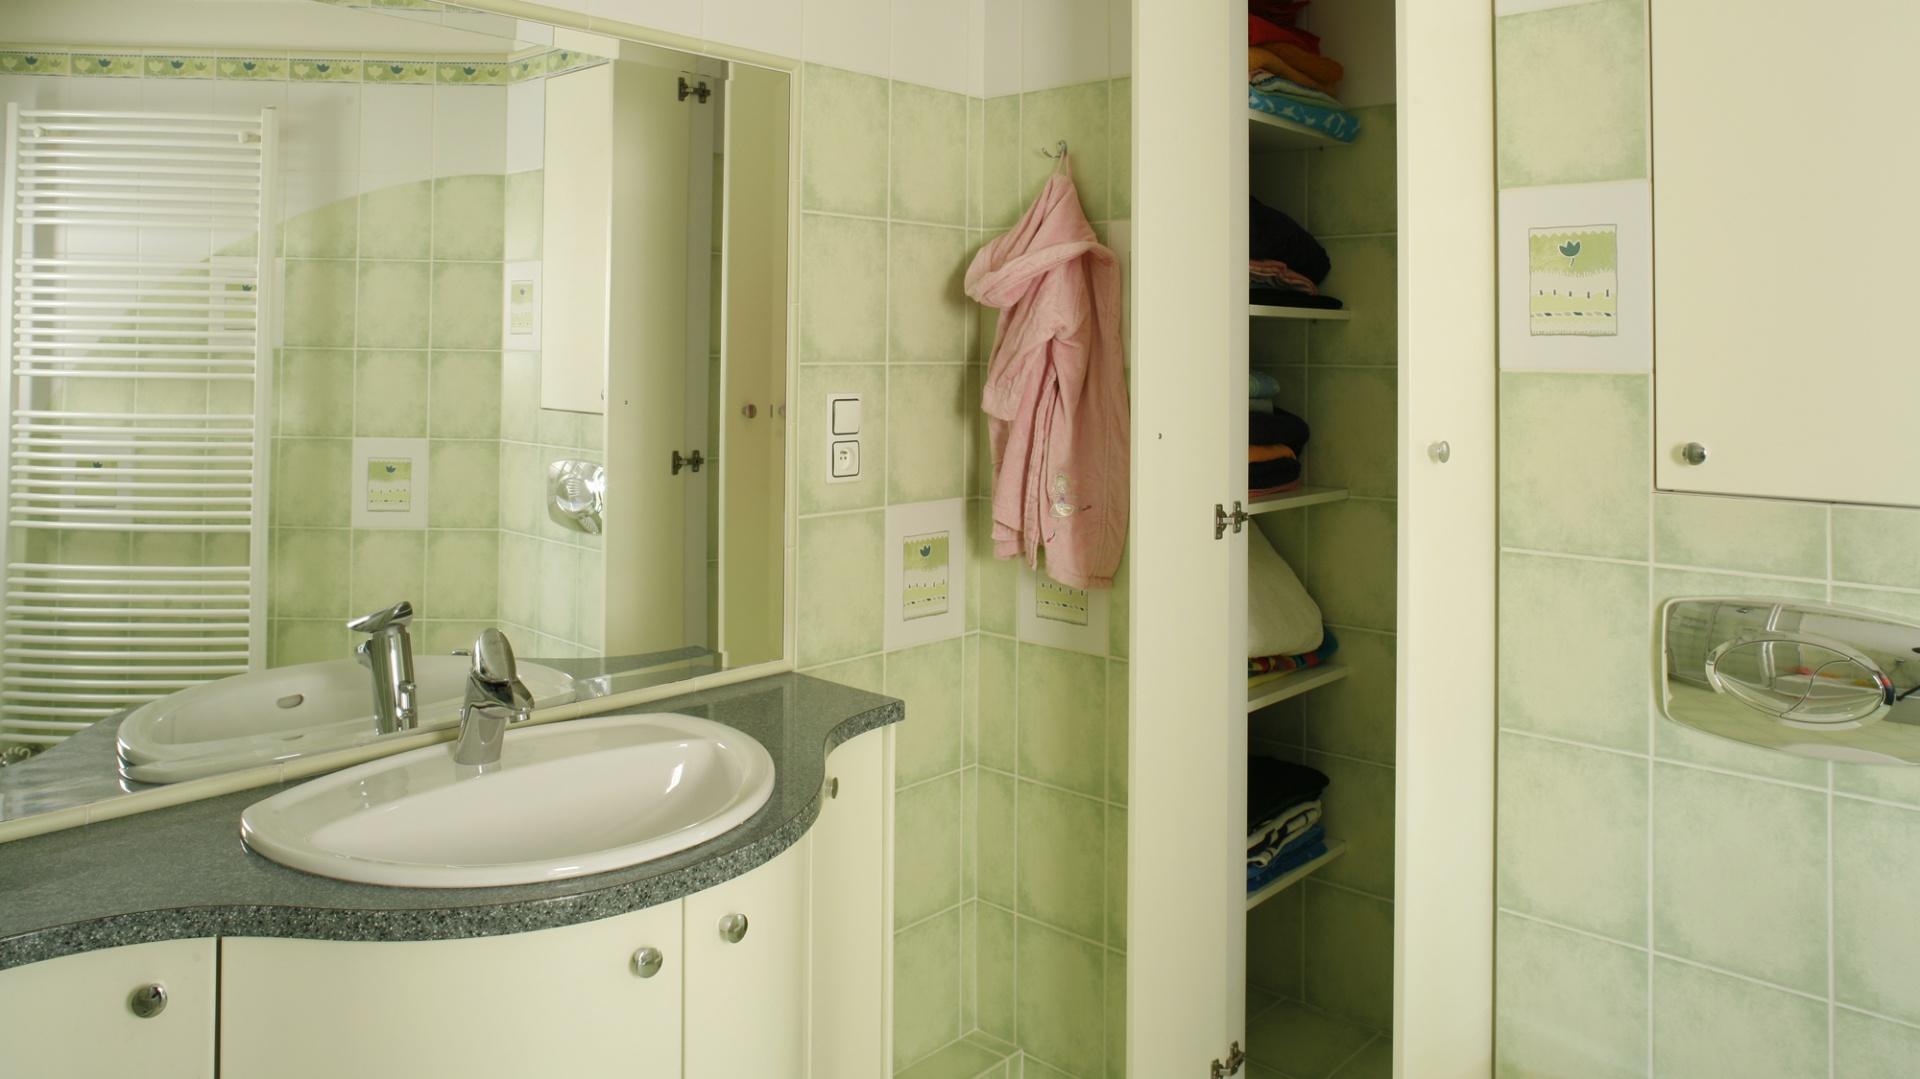 Meble – podumywalkowa szafka oraz zabudowane wnęki z półkami – są pojemne i łatwo dostępne. Stanowią praktyczne i eleganckie dopełnienie całej aranżacji. Fot. Monika Filipiuk.